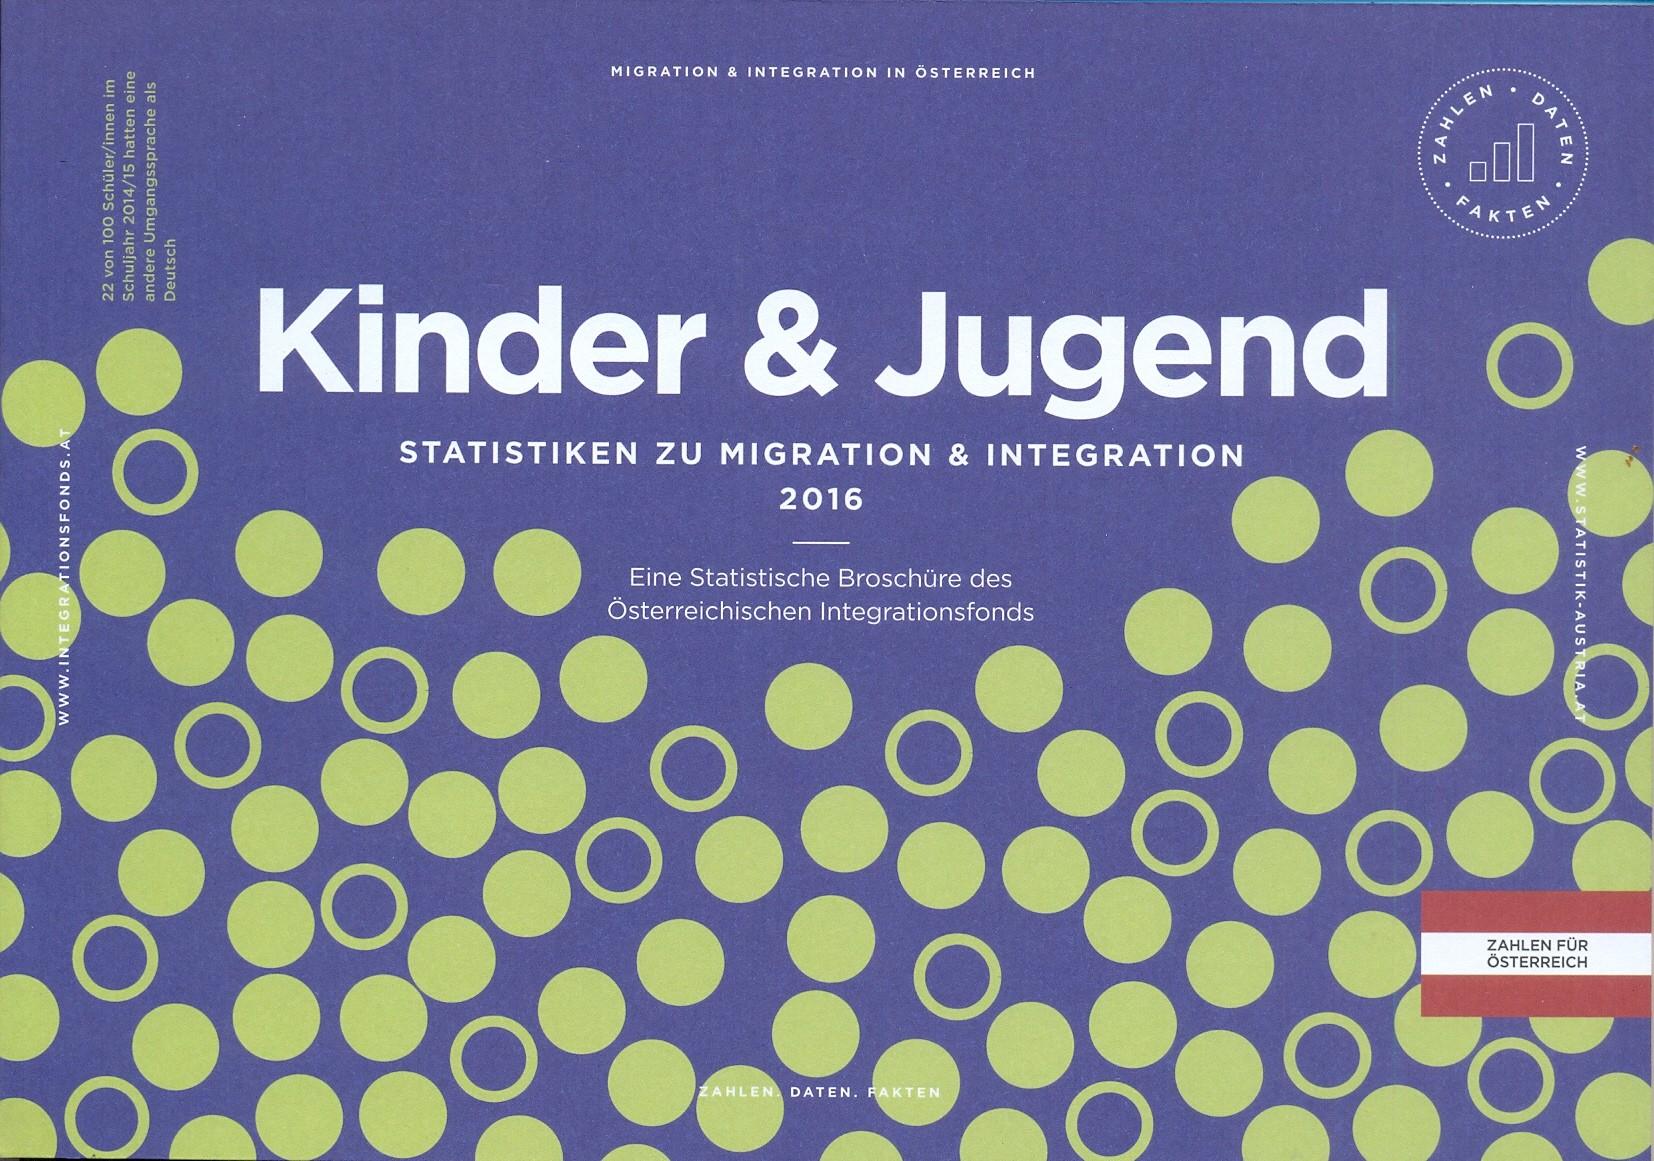 'Kinder & Jugend' Statistische Broschüre 2015/16